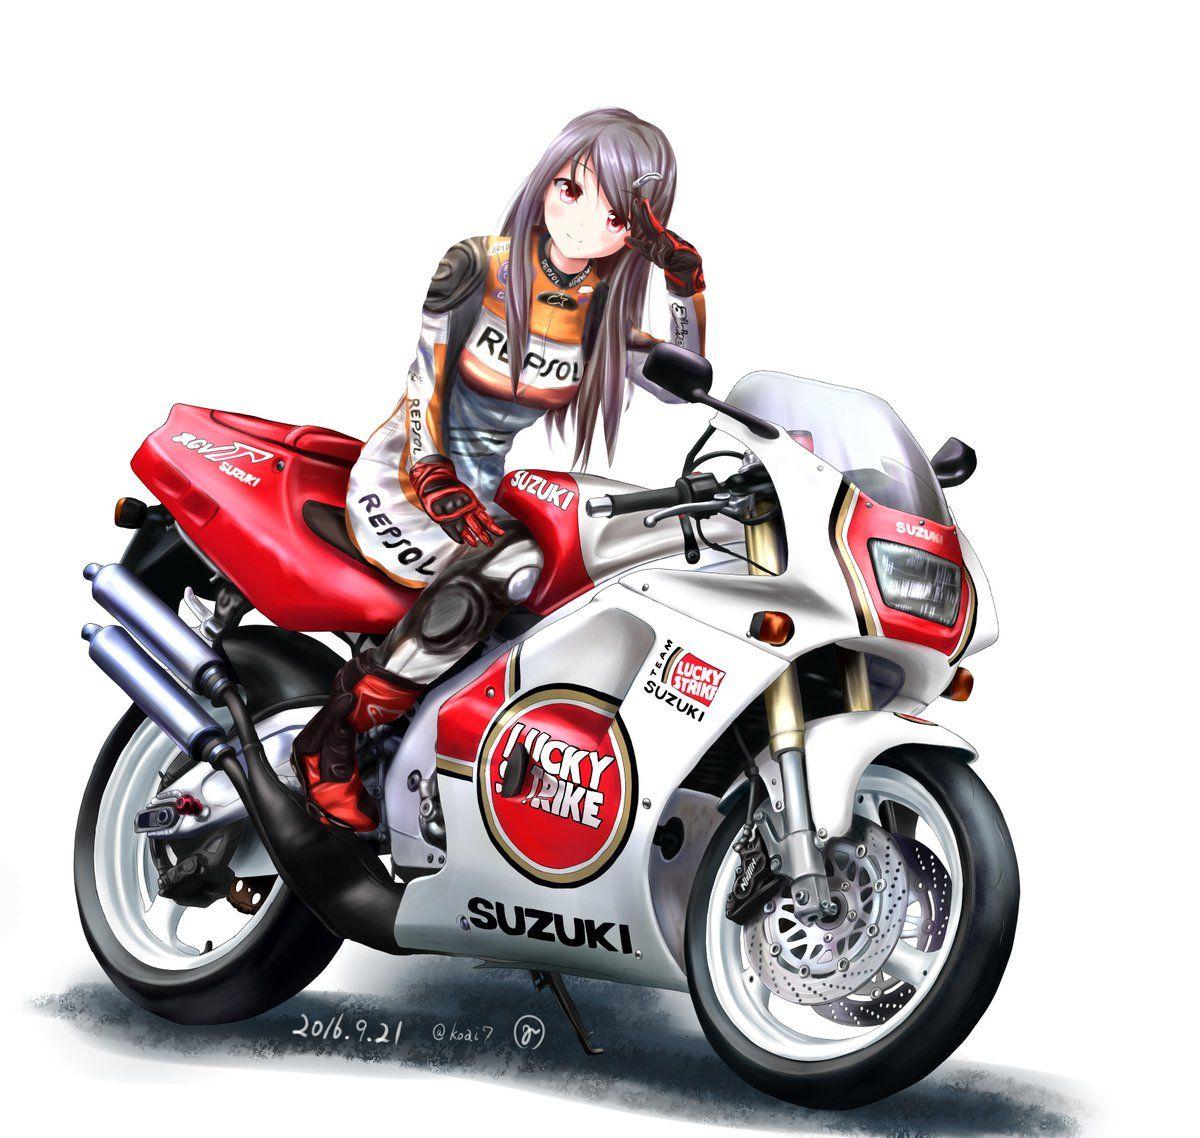 pin de samuca macena em art motoqueiros veículos e carros importados